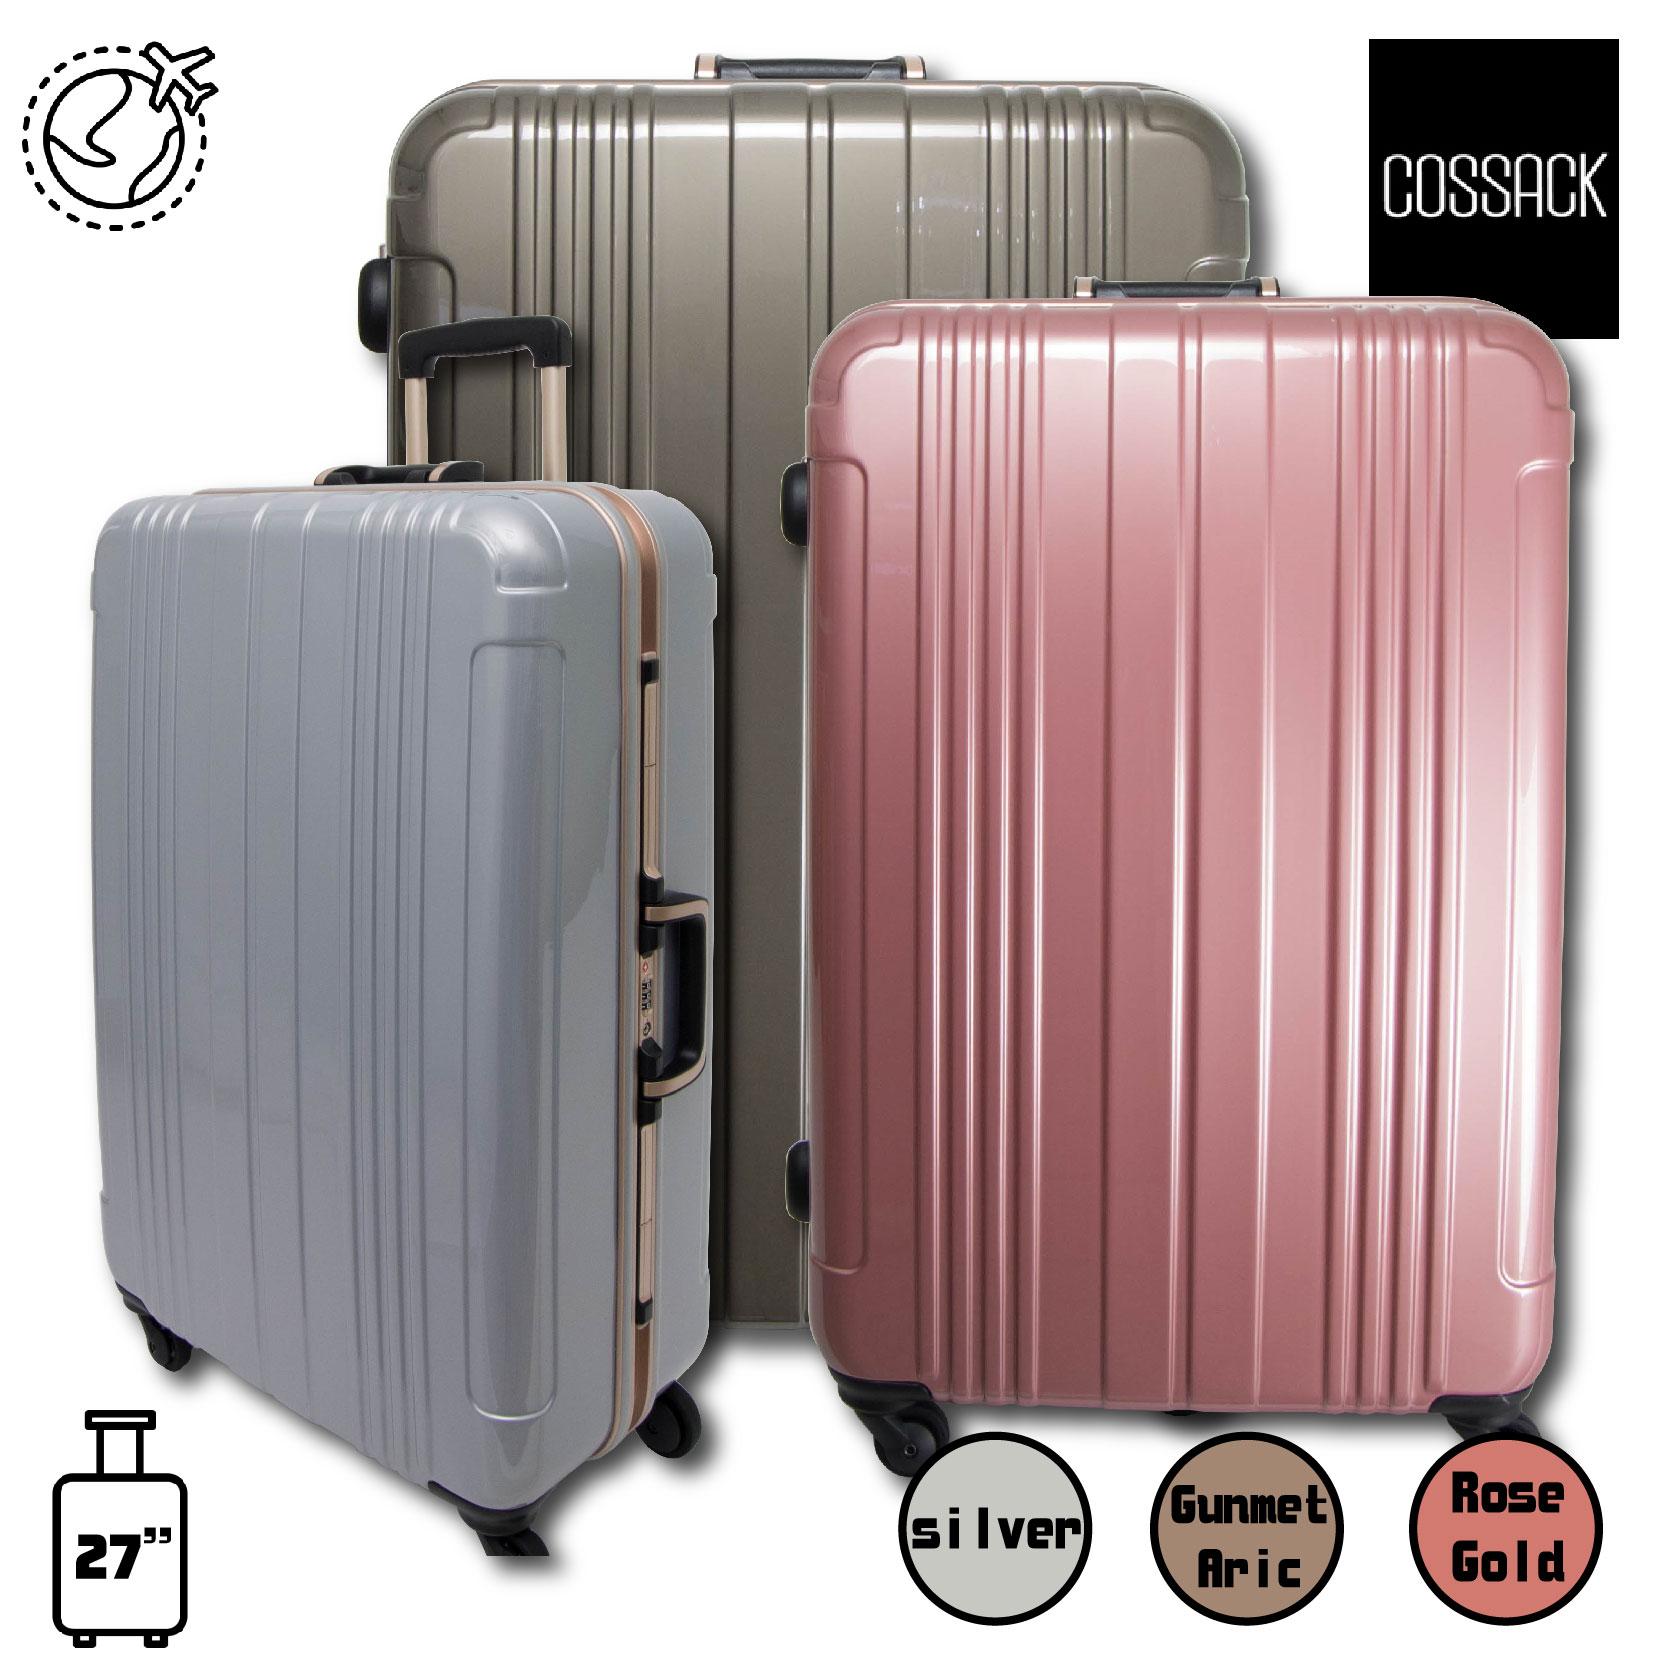 下定決心!出國吧! 銀河系列 27吋 四輪拉桿旅行箱 出國 旅遊 硬殼行李箱 托運箱 CS11-2036027